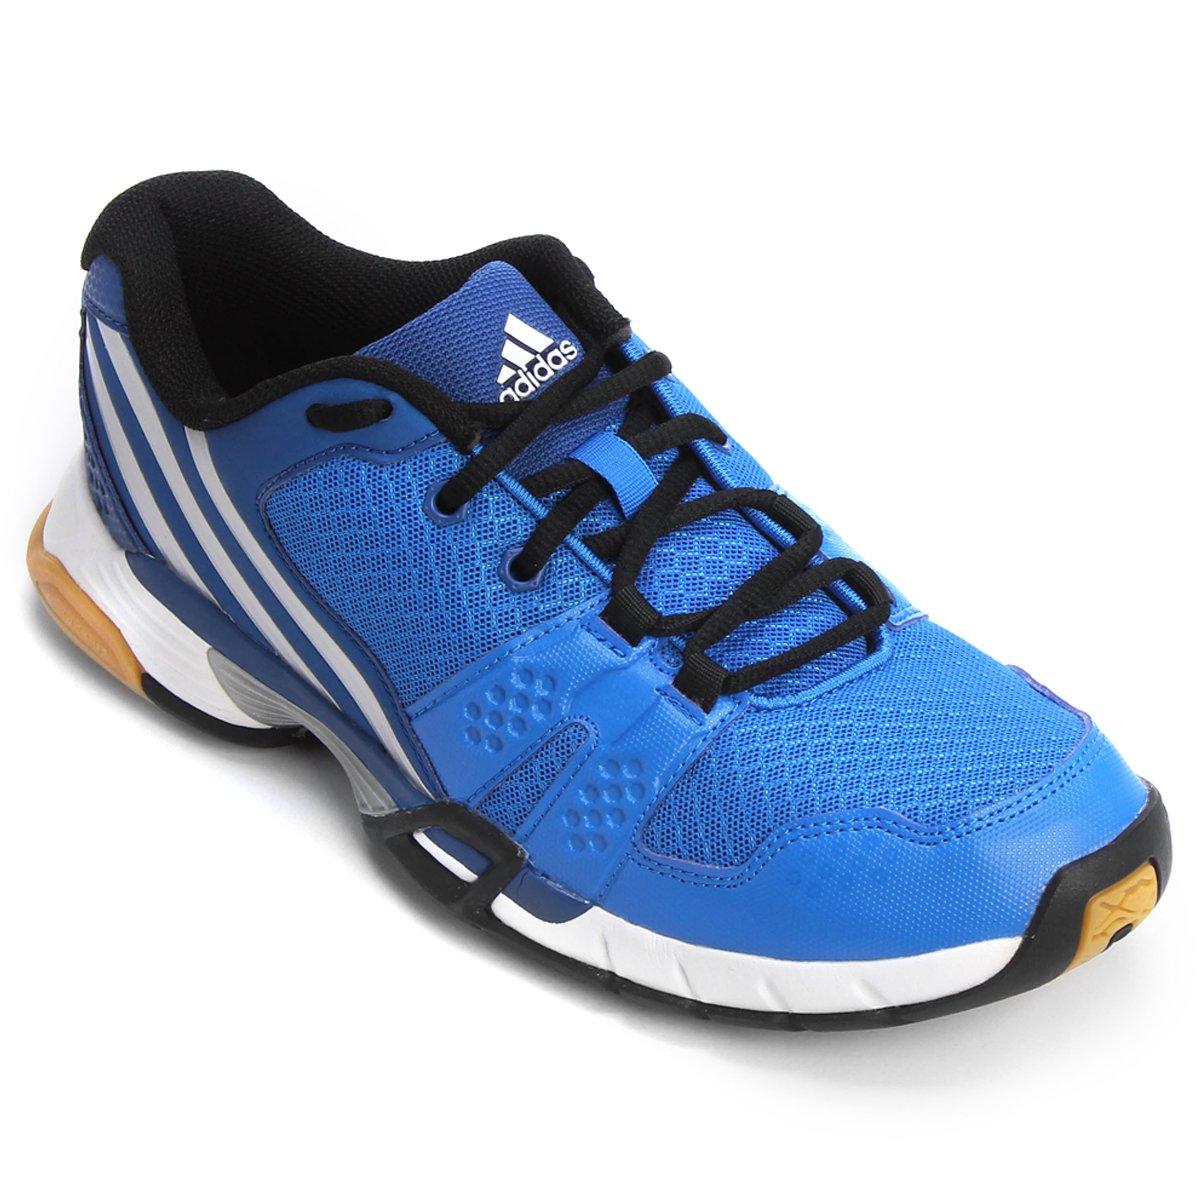 6f8f197df7a Tênis Adidas Volley Team 4 - Compre Agora